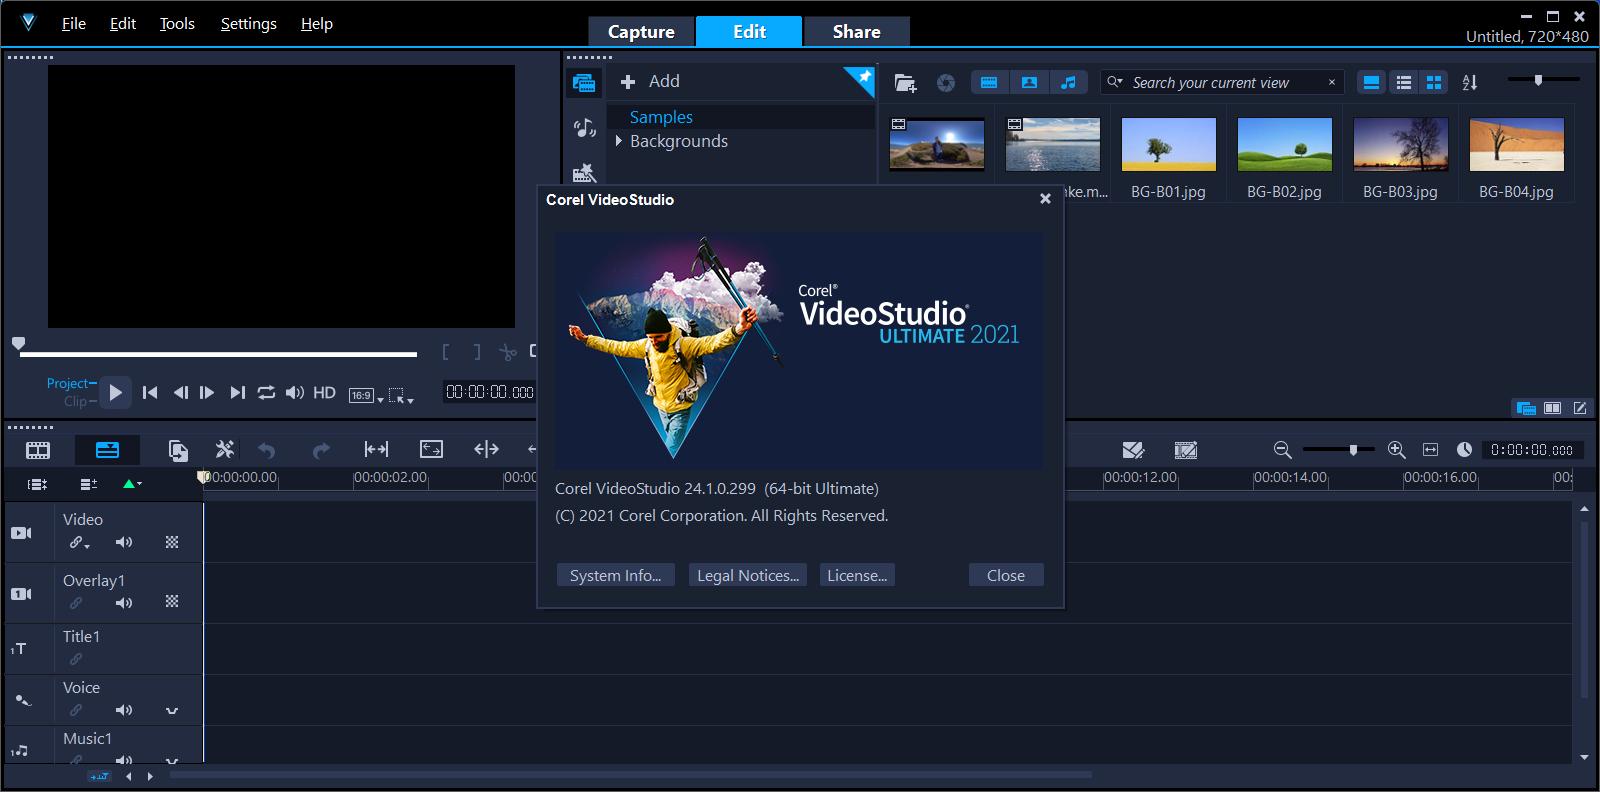 Corel VideoStudio Ultimate 2021 v24.1.0.299 + Crack   haxNode